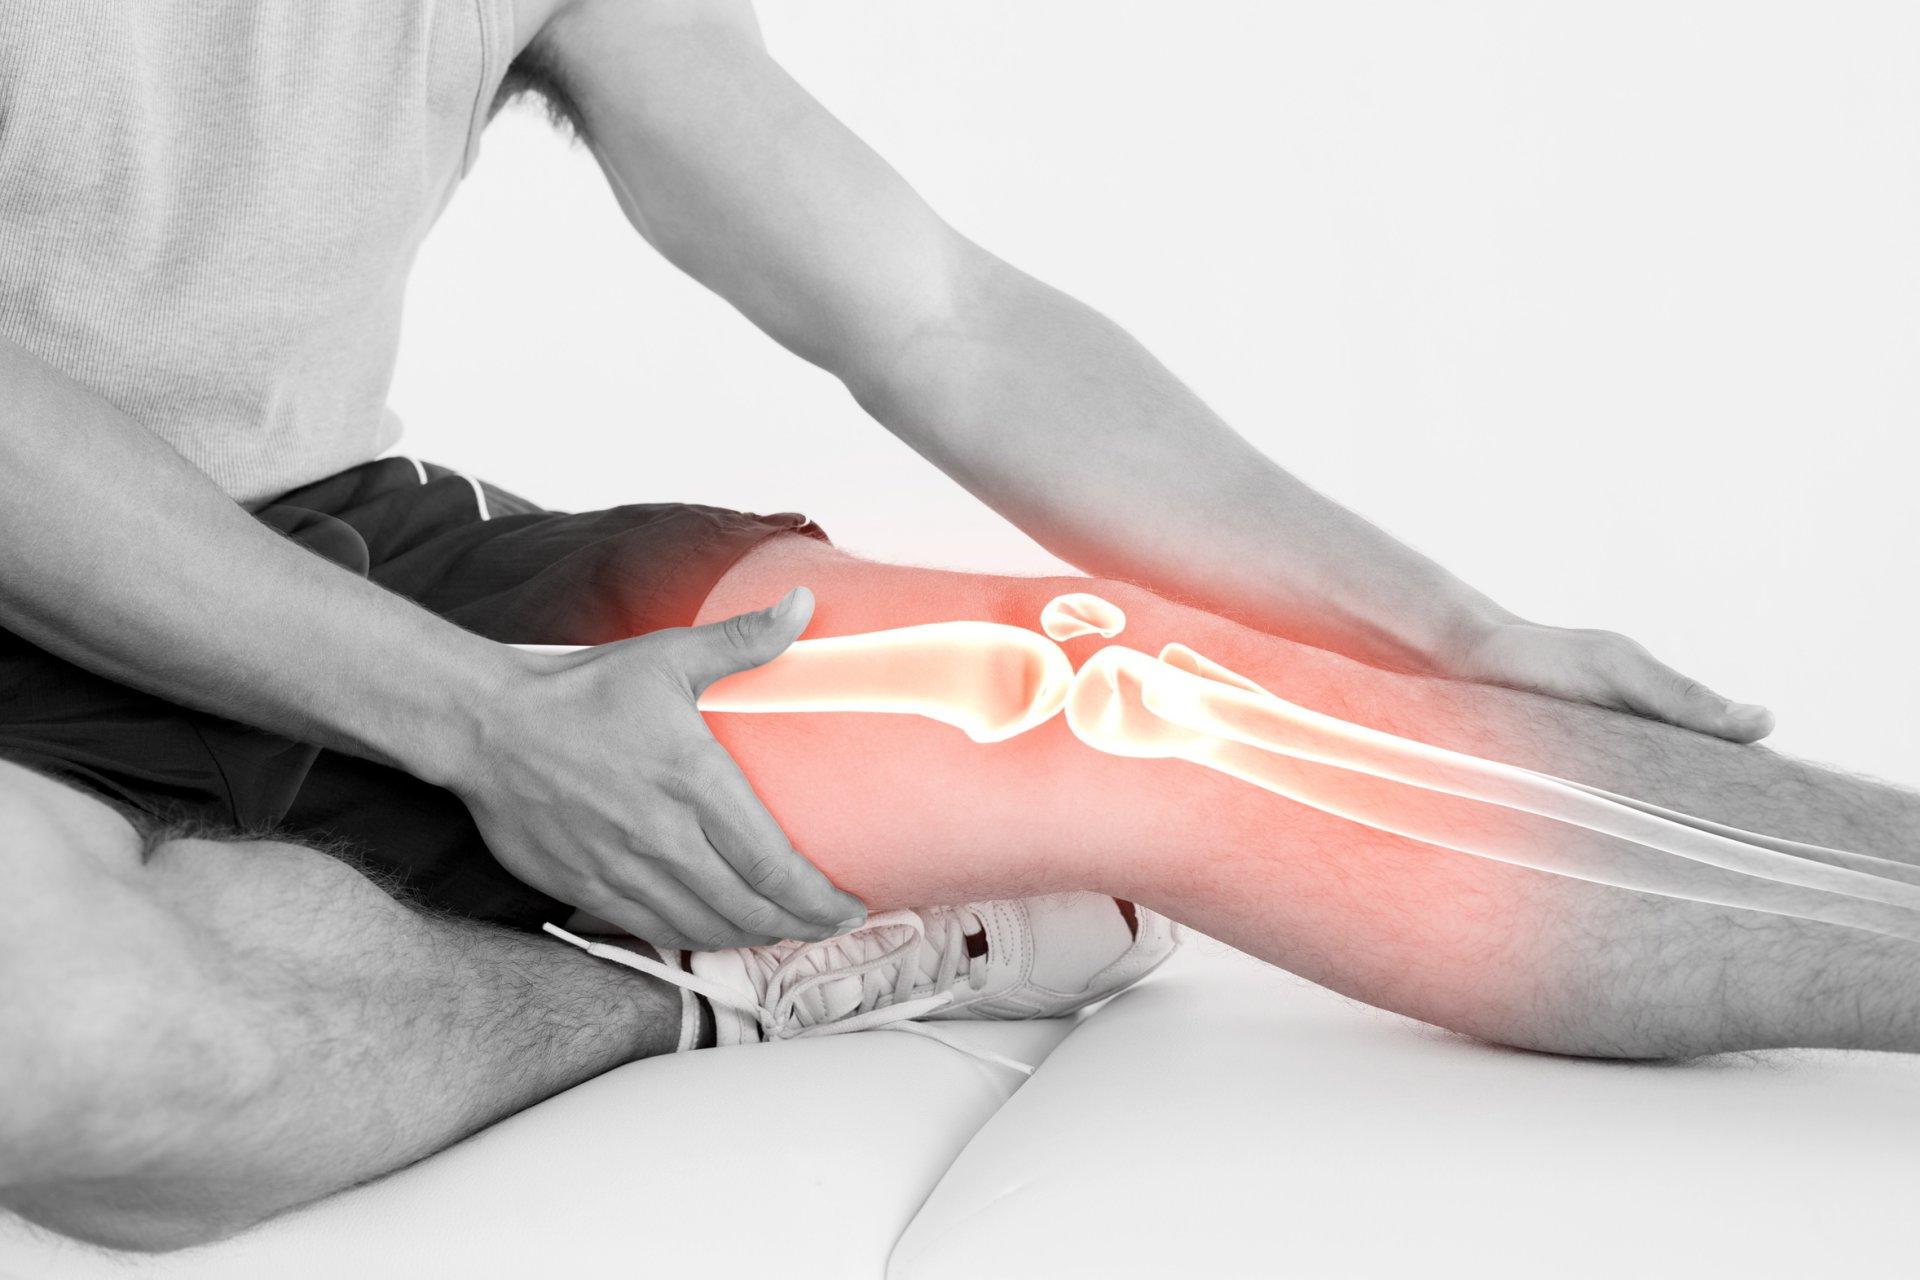 graikija gydymas sąnarių osteoartrito artrozė mažų sąnarių